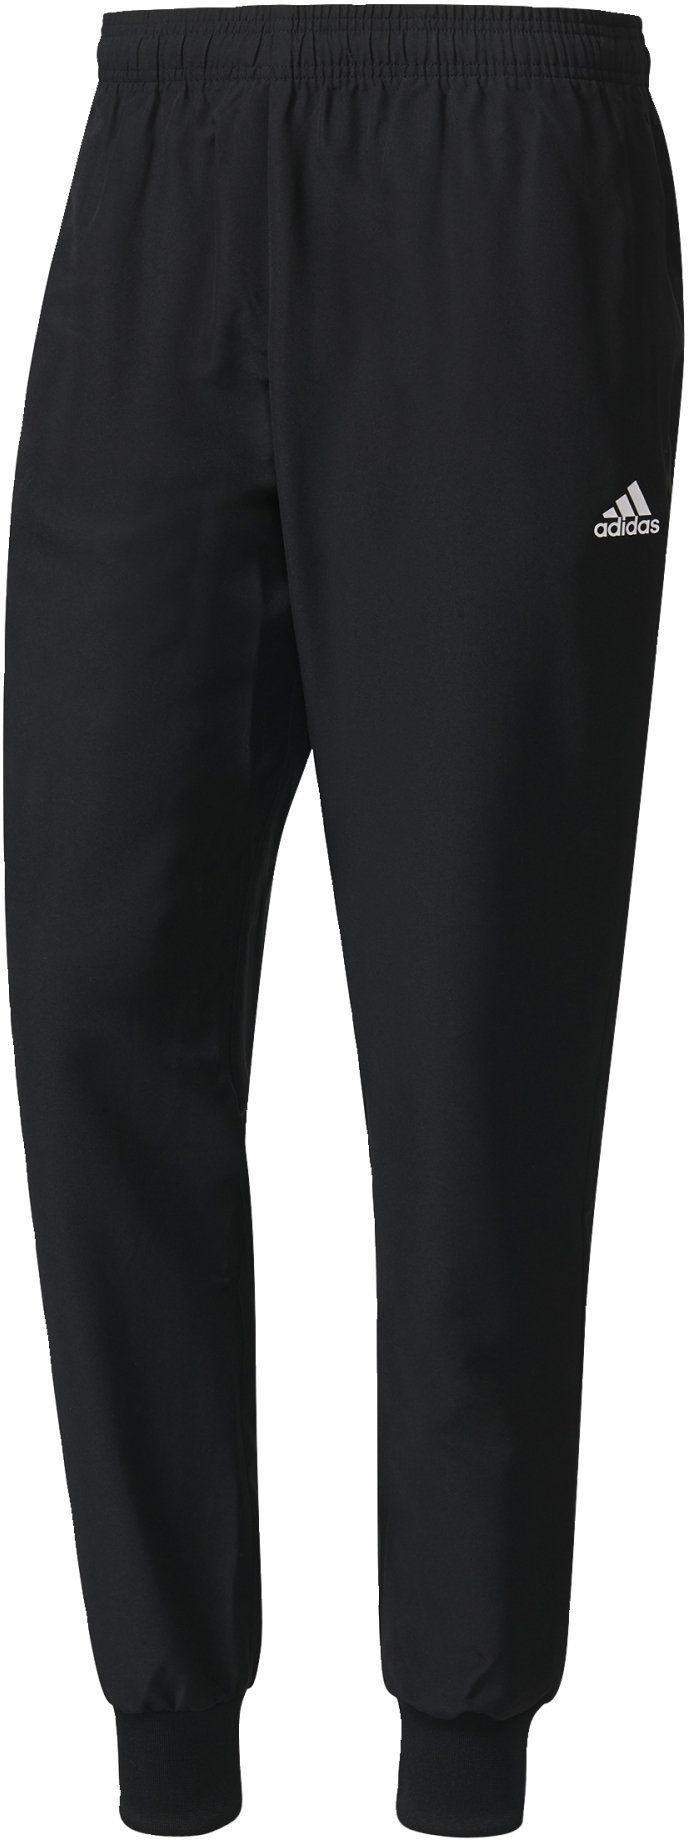 adidas BS2884 spodnie dresowe dla mężczyzn, czarno-białe, S/L